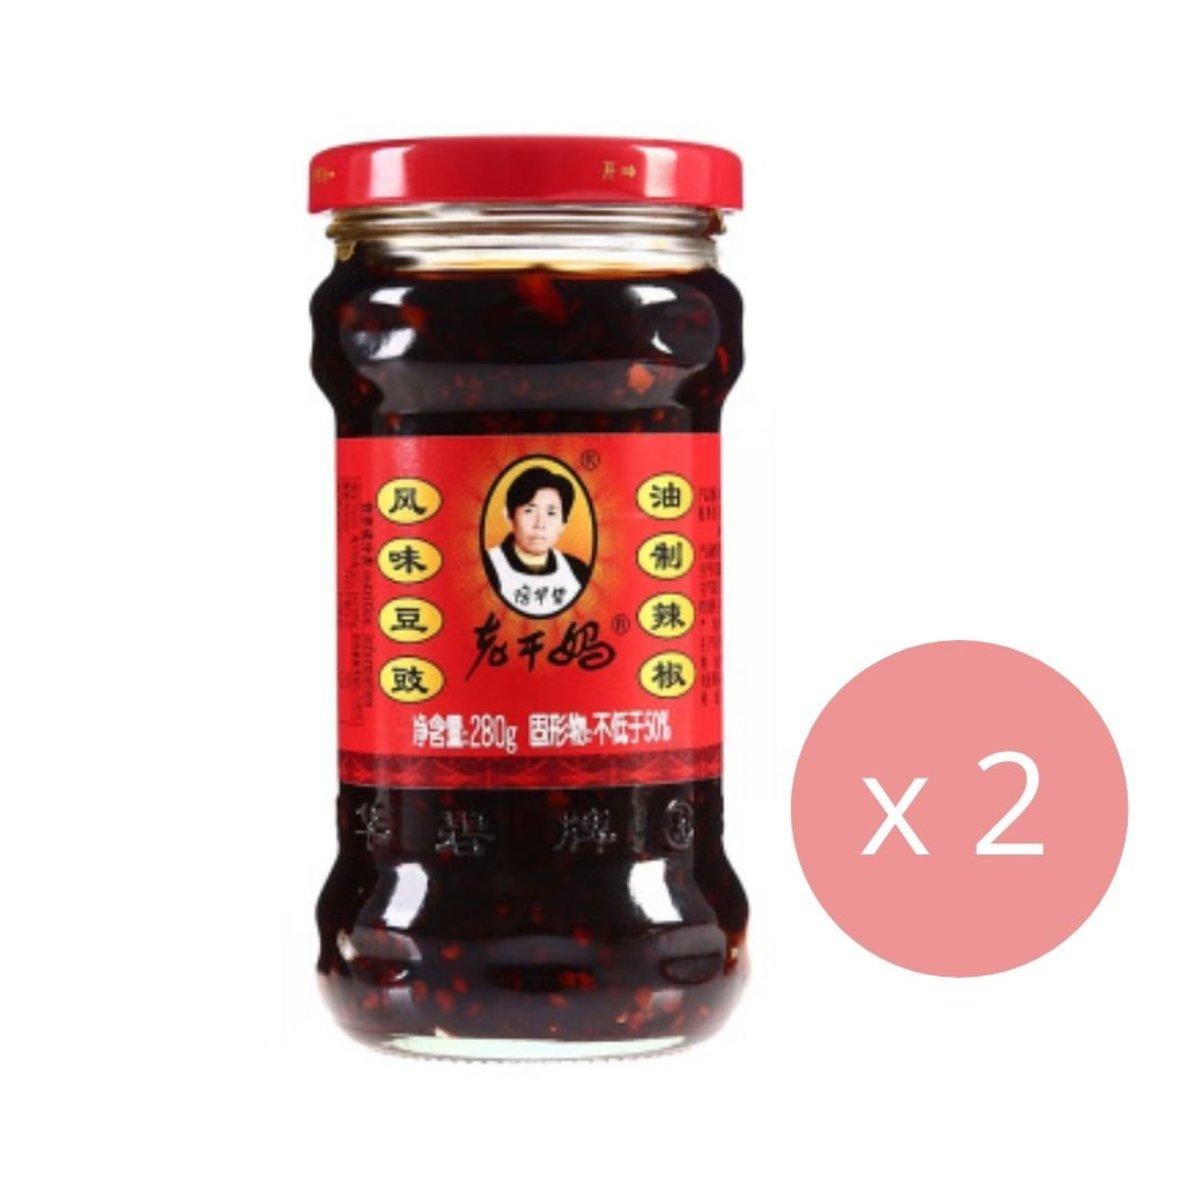 風味豆豉油製辣椒(2支裝)